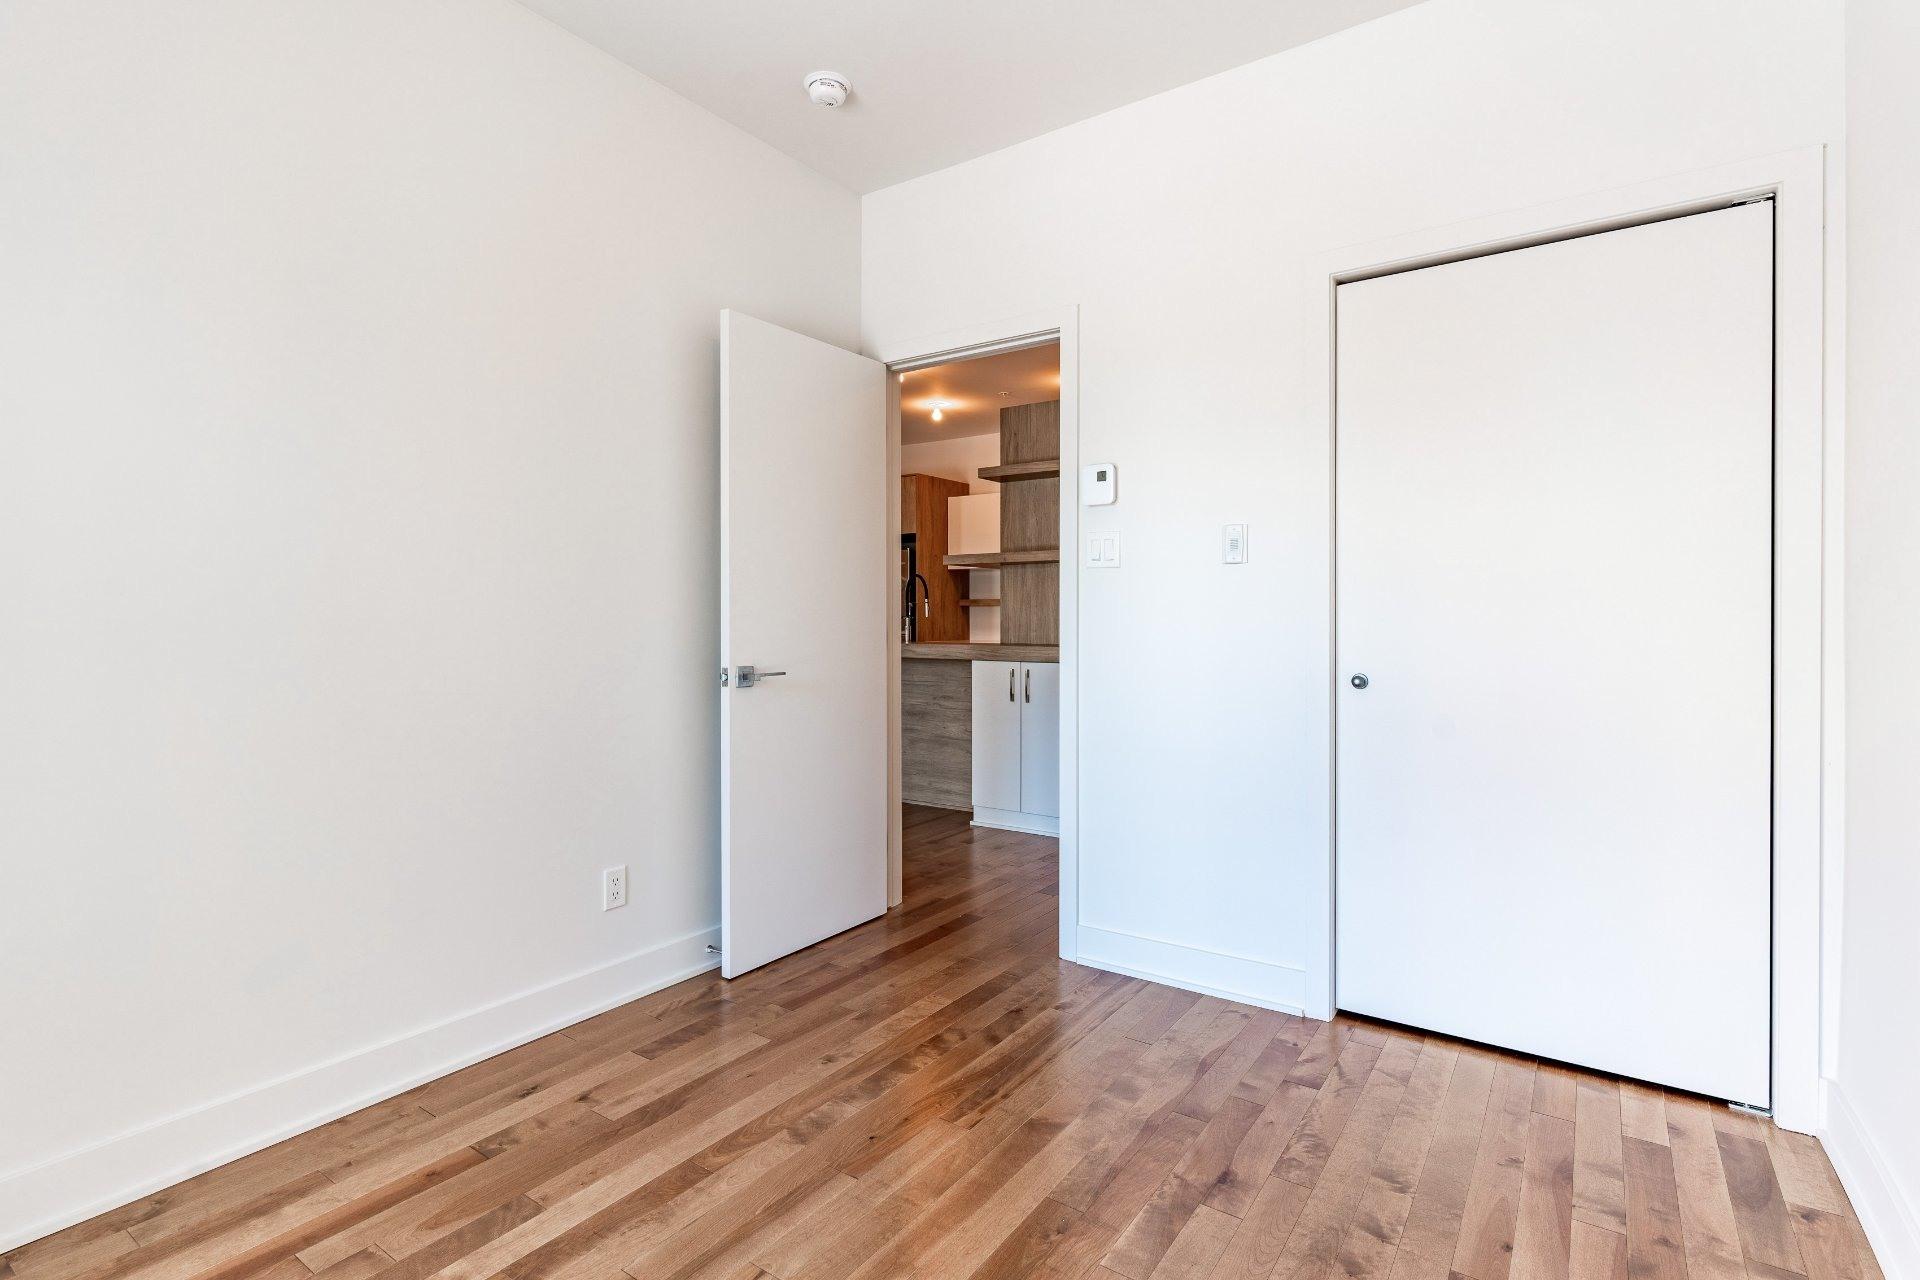 image 7 - Appartement À louer Rosemont/La Petite-Patrie Montréal  - 7 pièces